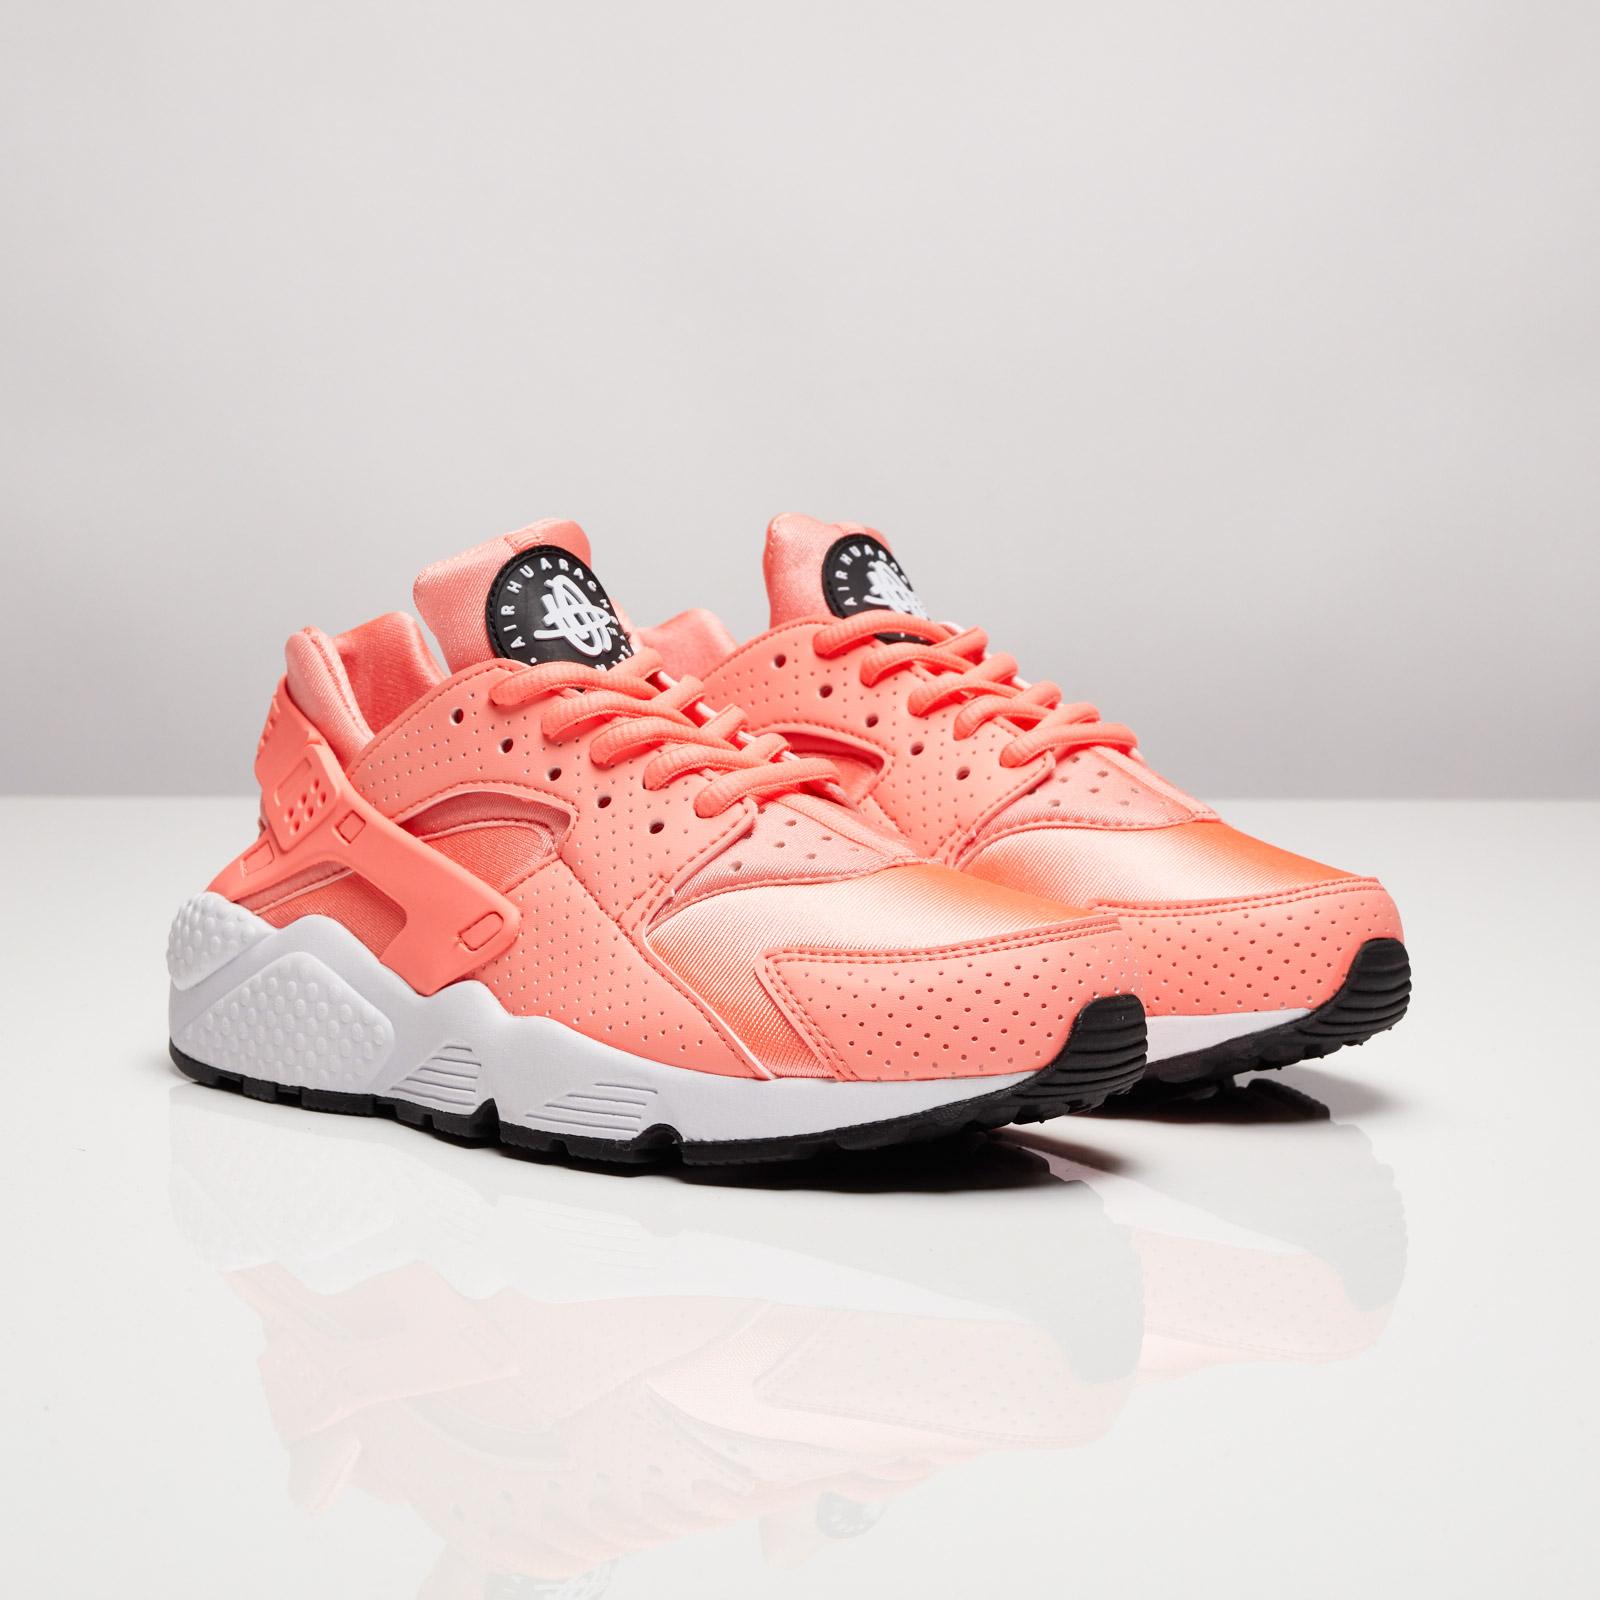 finest selection 05841 c071a Nike Wmns Air Huarache Run